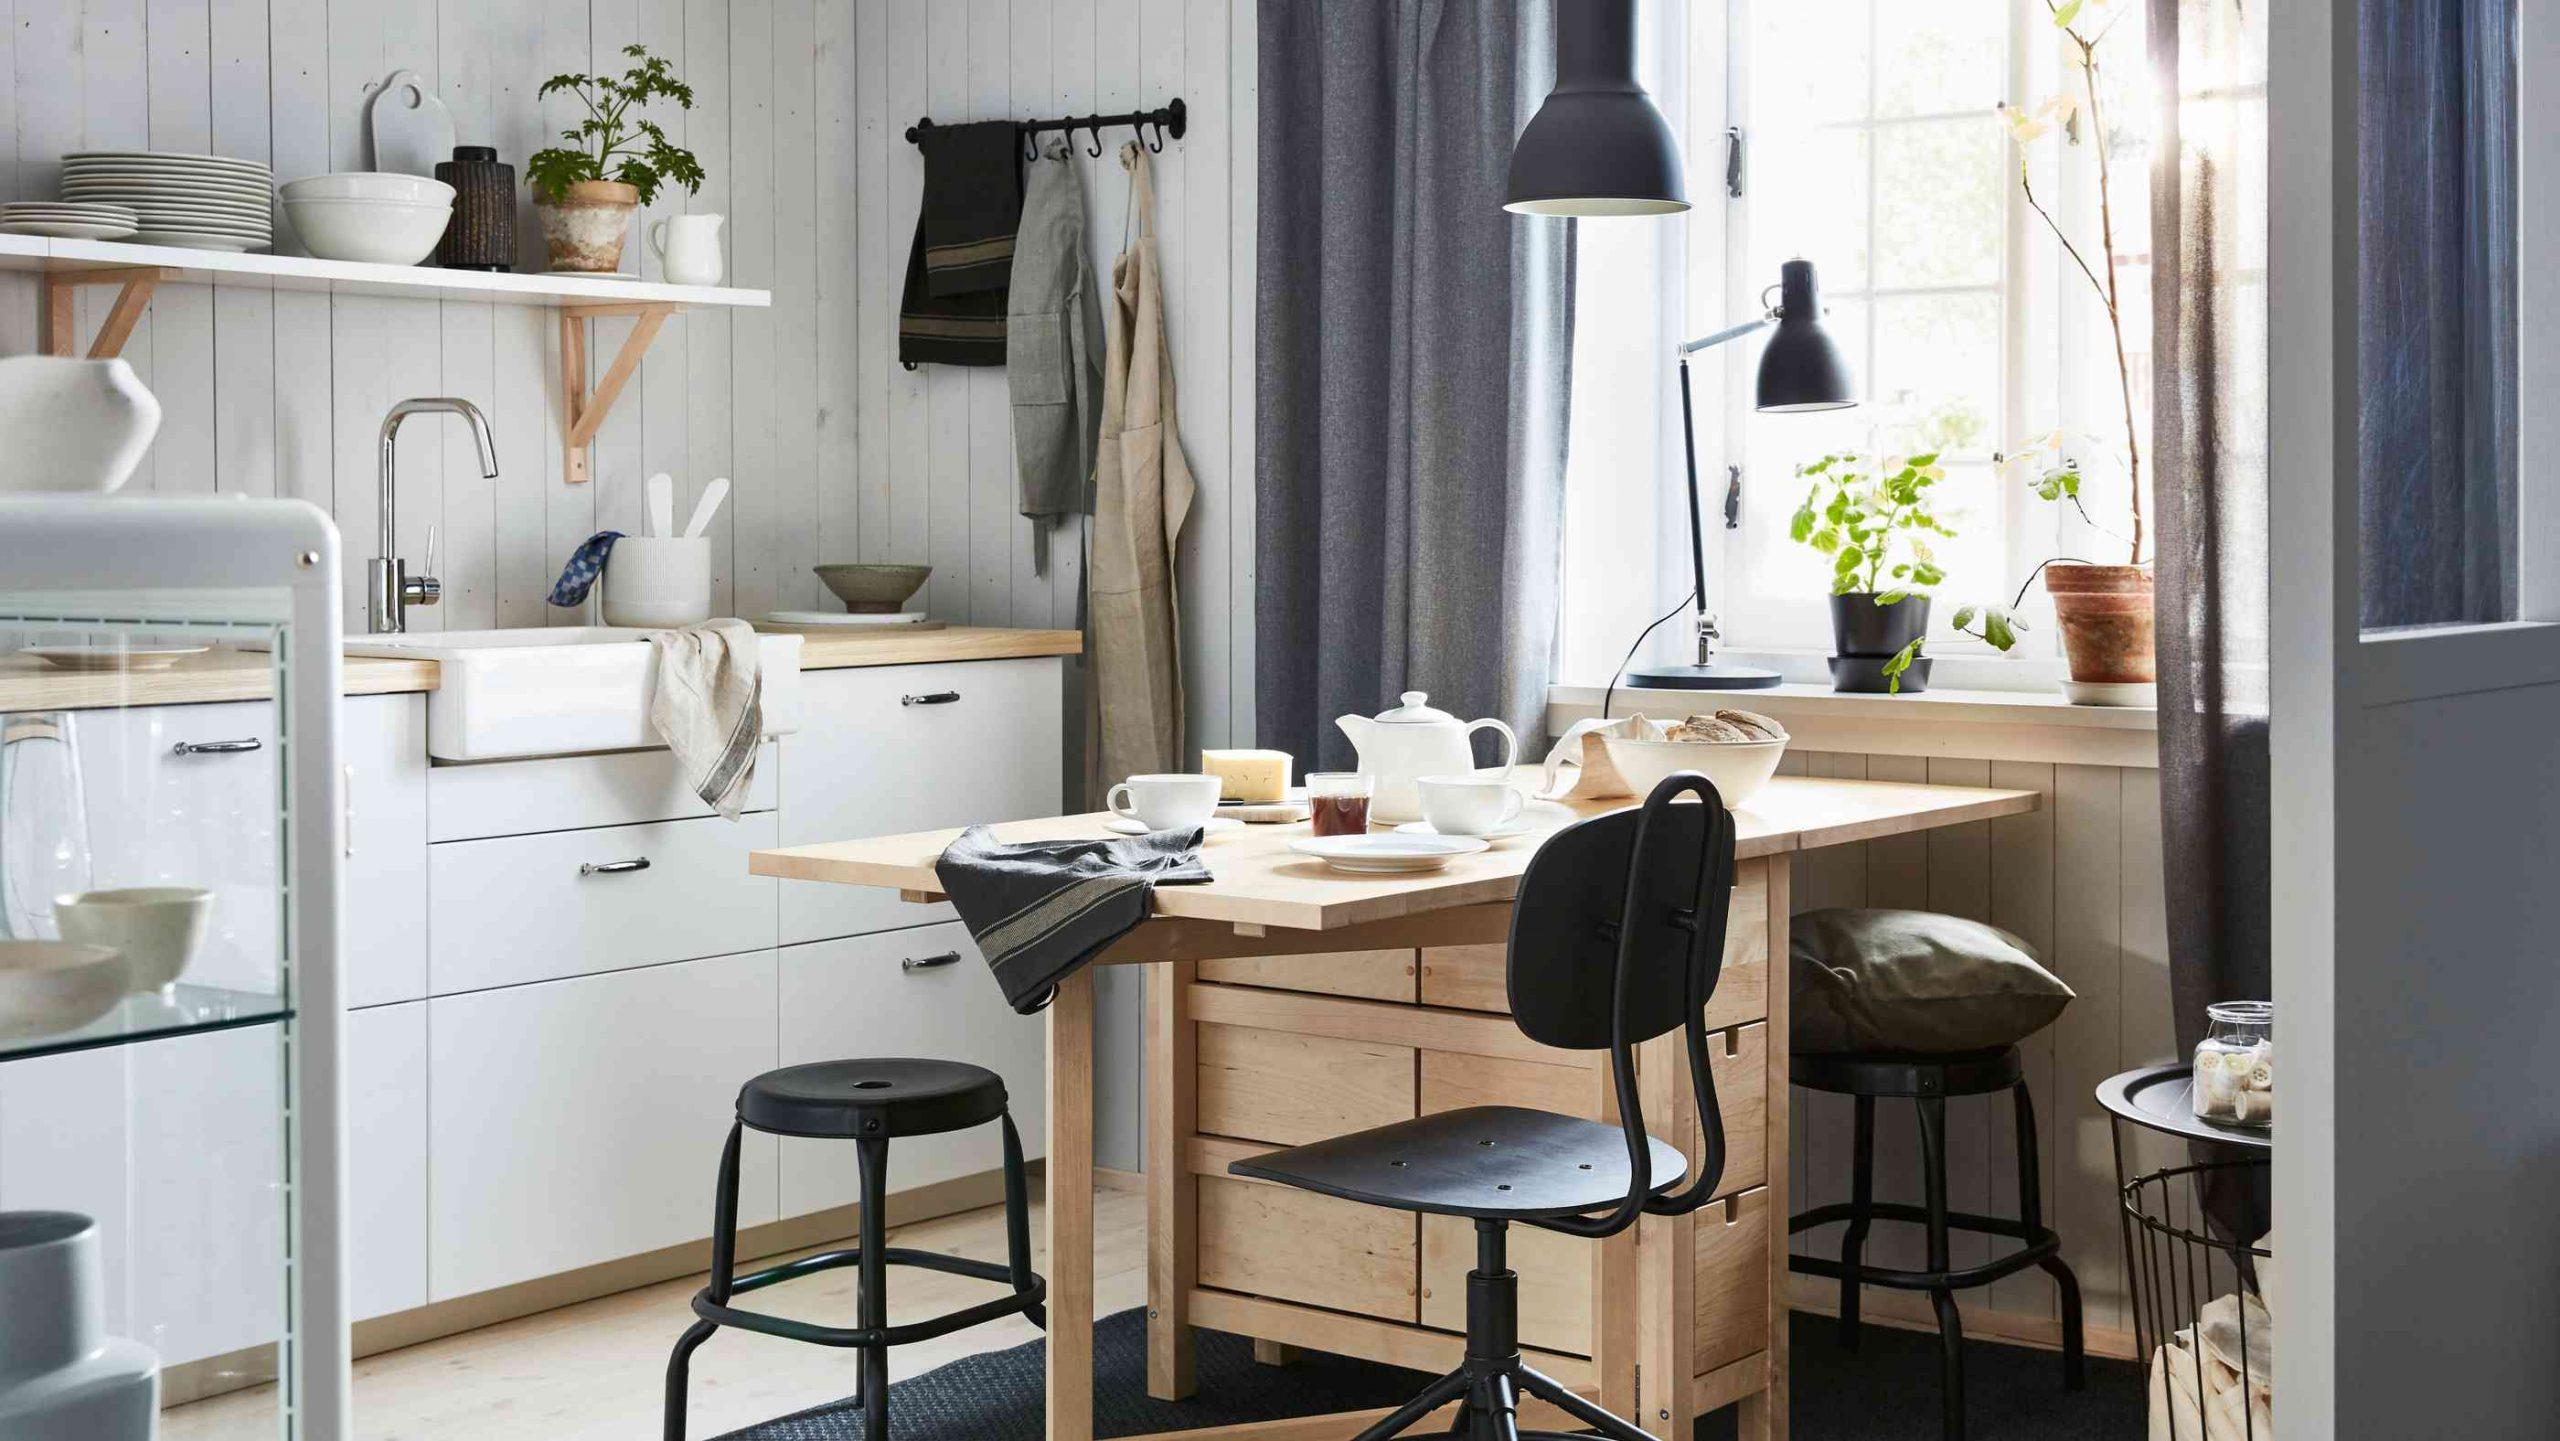 Full Size of Miniküche Ideen Stengel Mit Kühlschrank Ikea Wohnzimmer Tapeten Bad Renovieren Wohnzimmer Miniküche Ideen